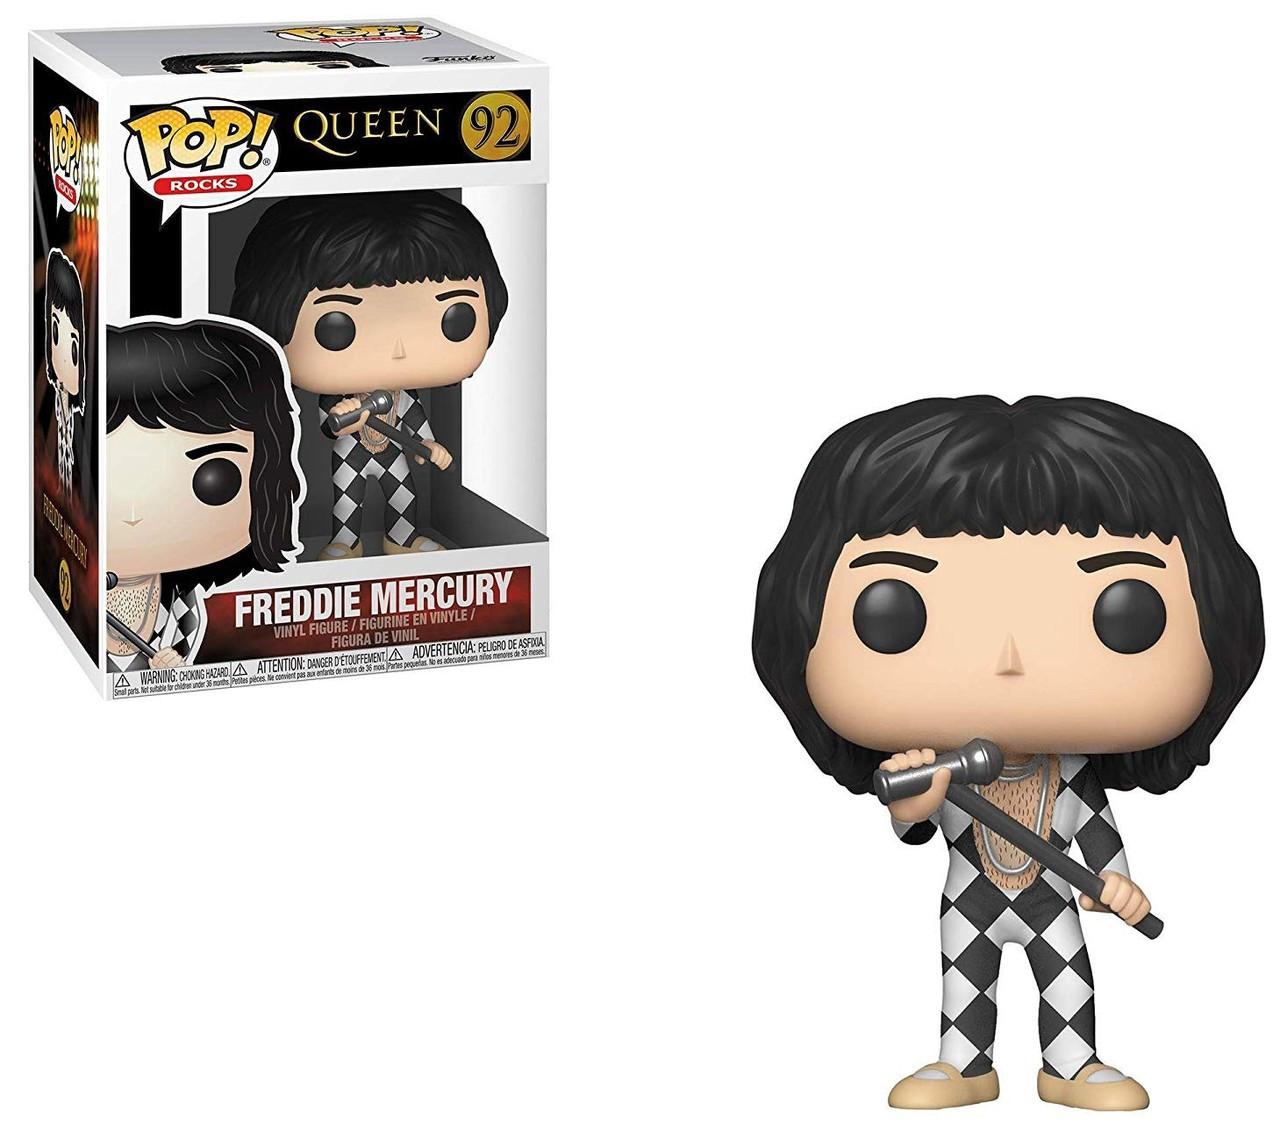 Rocks 92 Collectible Action Figure Queen Pop Freddie Mercury